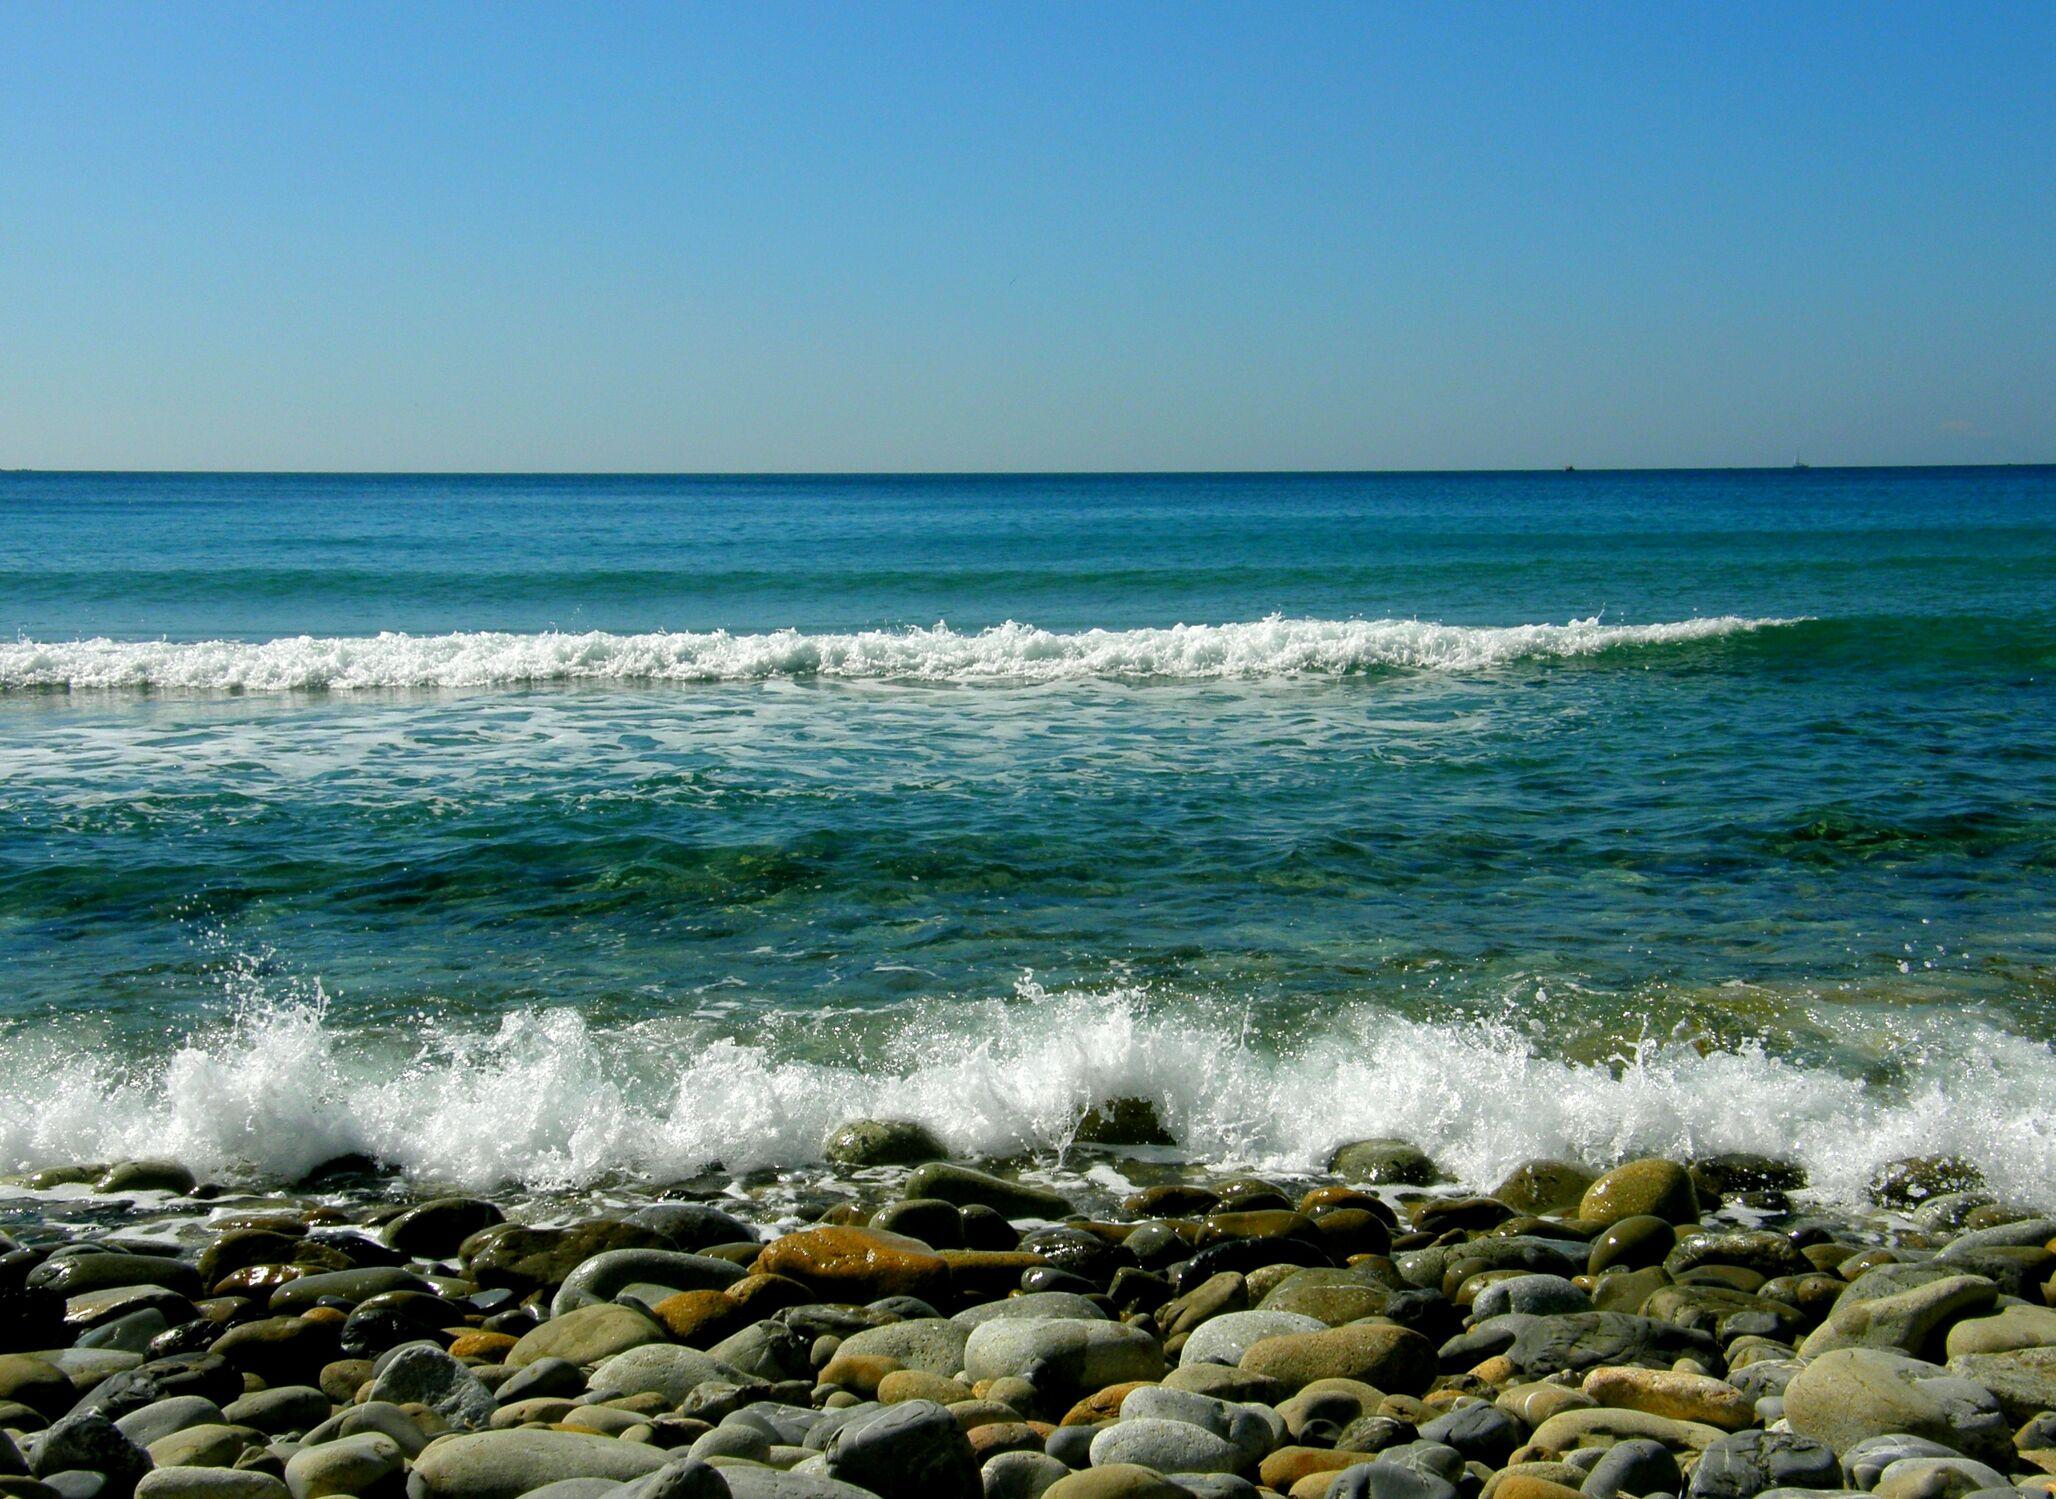 Bild mit Wasser, Gewässer, Strände, Urlaub, Italien, Strand, Meer, Sehnsucht nach Meer